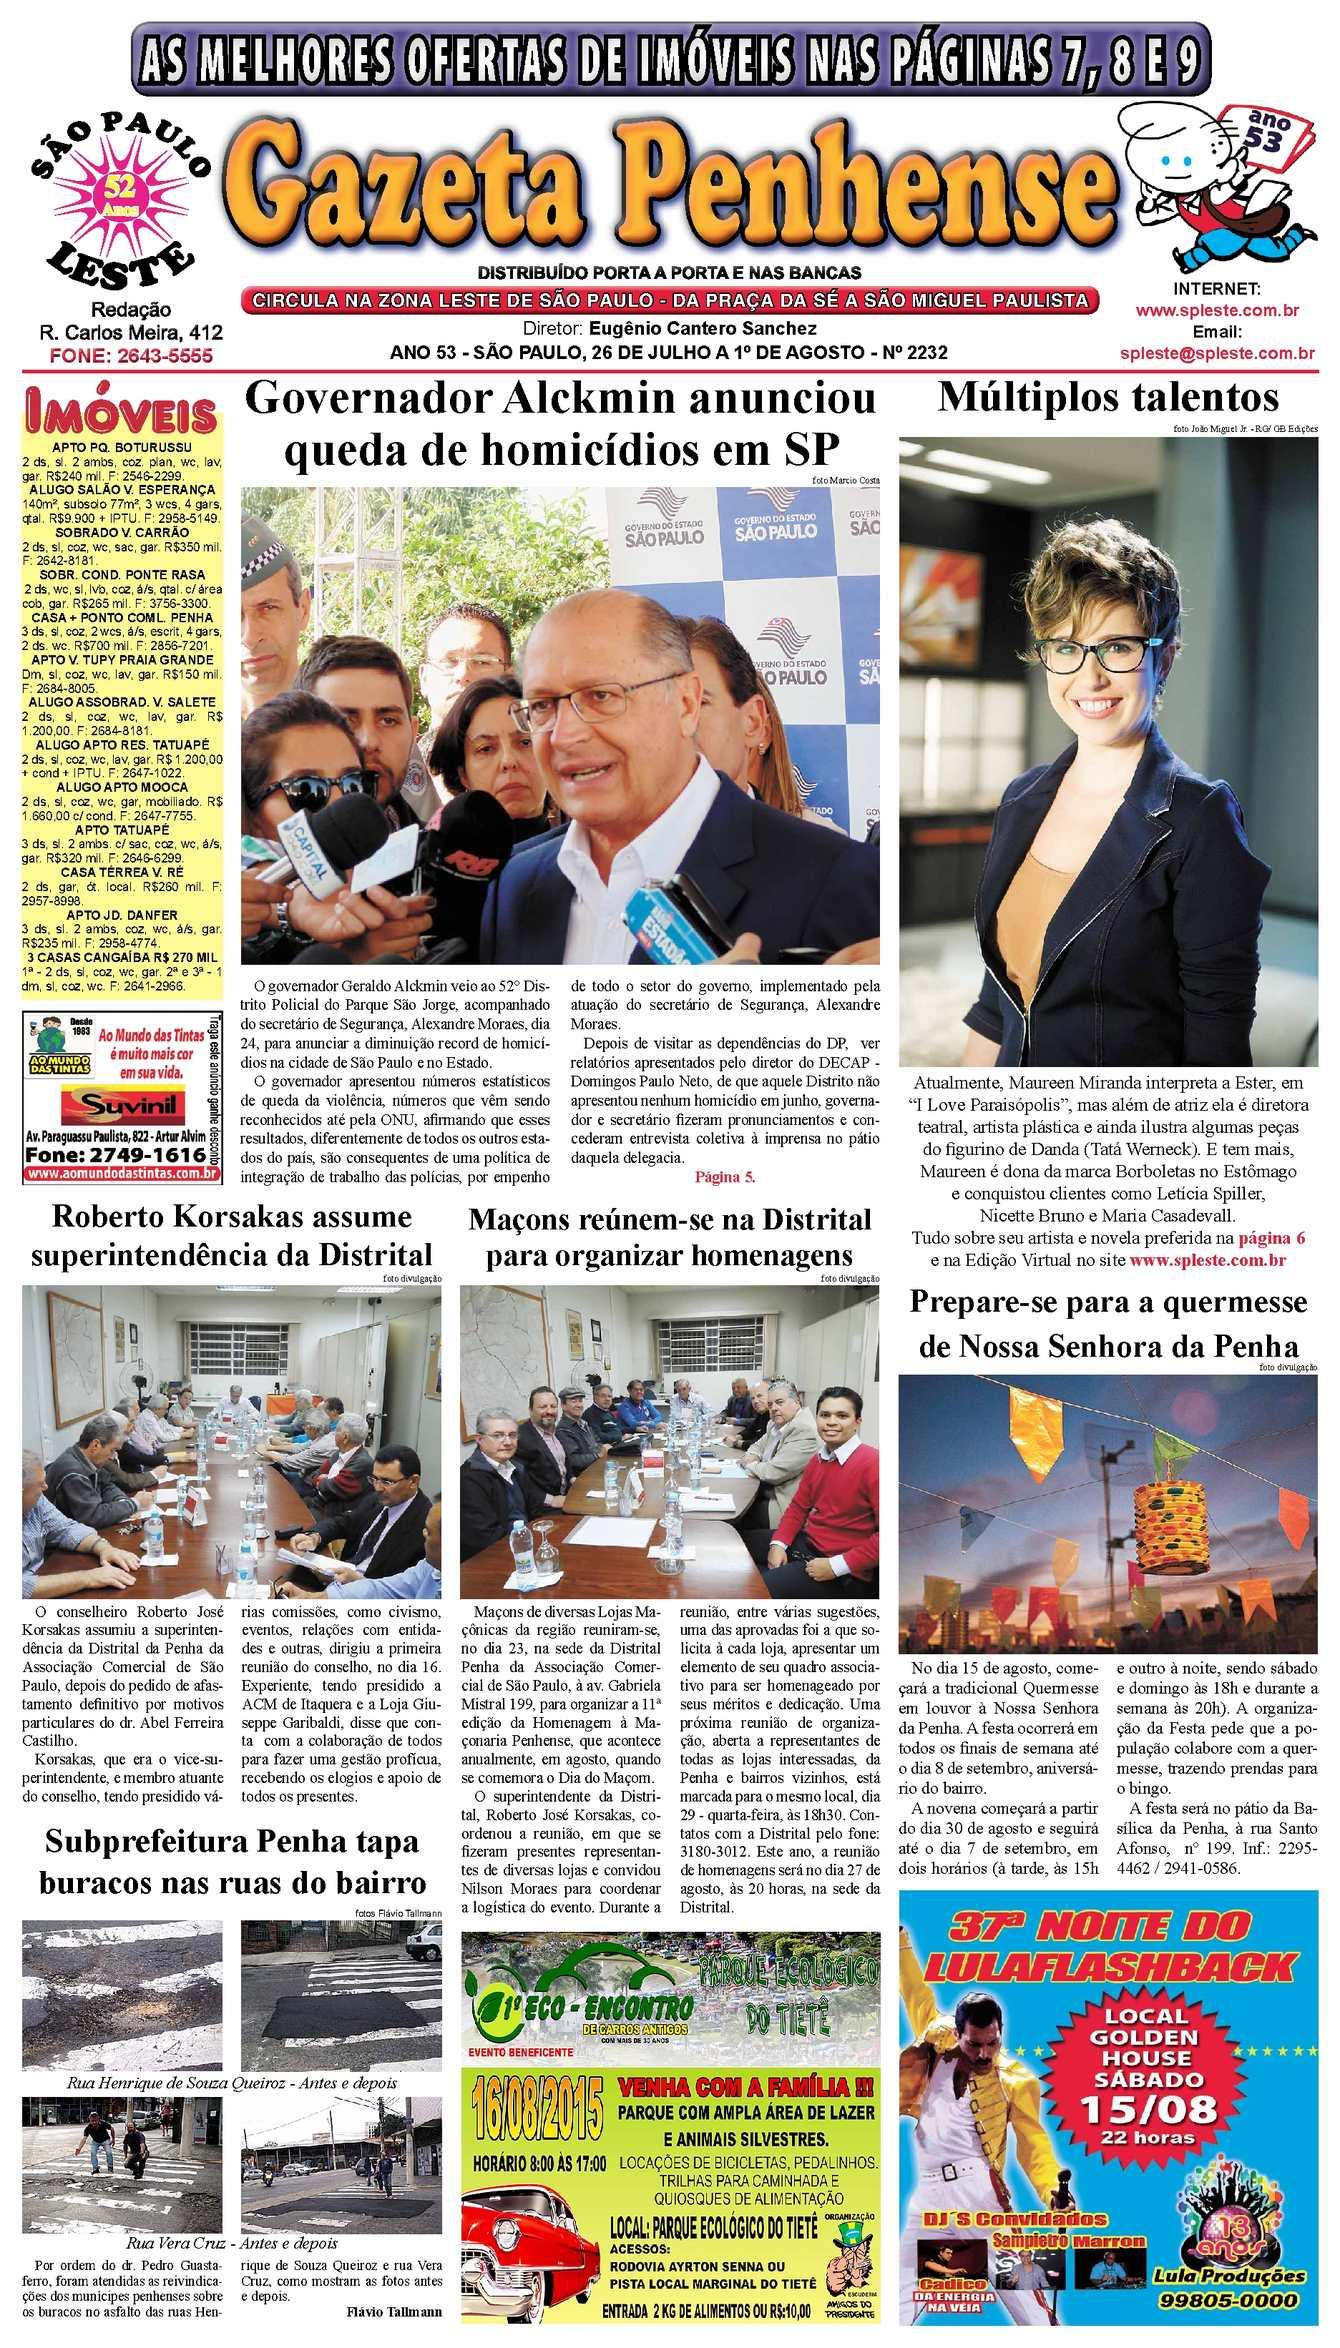 601b472e7c Calaméo - Gazeta Penhense - edição 2232 - 26 07 a 1 08 15